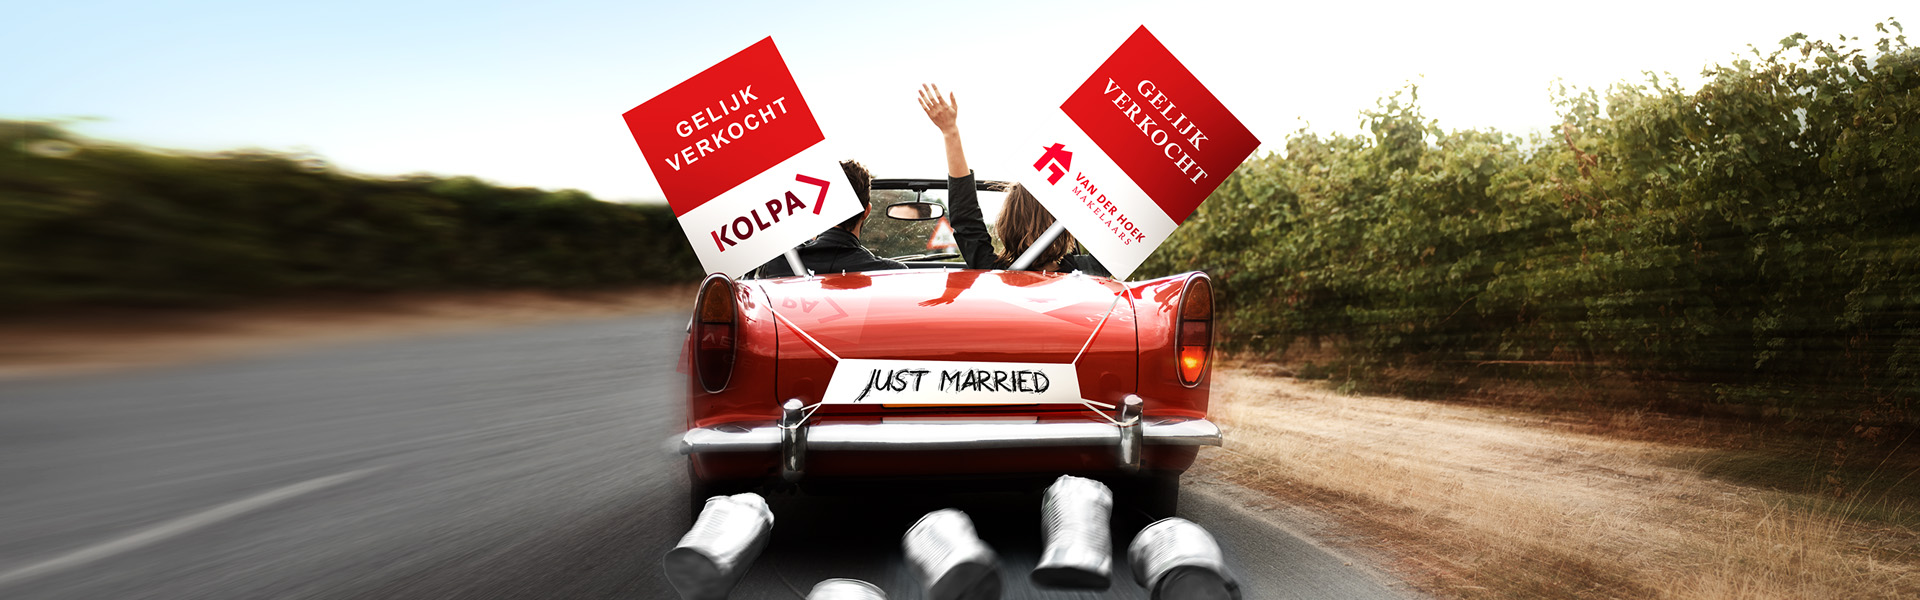 Kolpa van der Hoek - homepage header